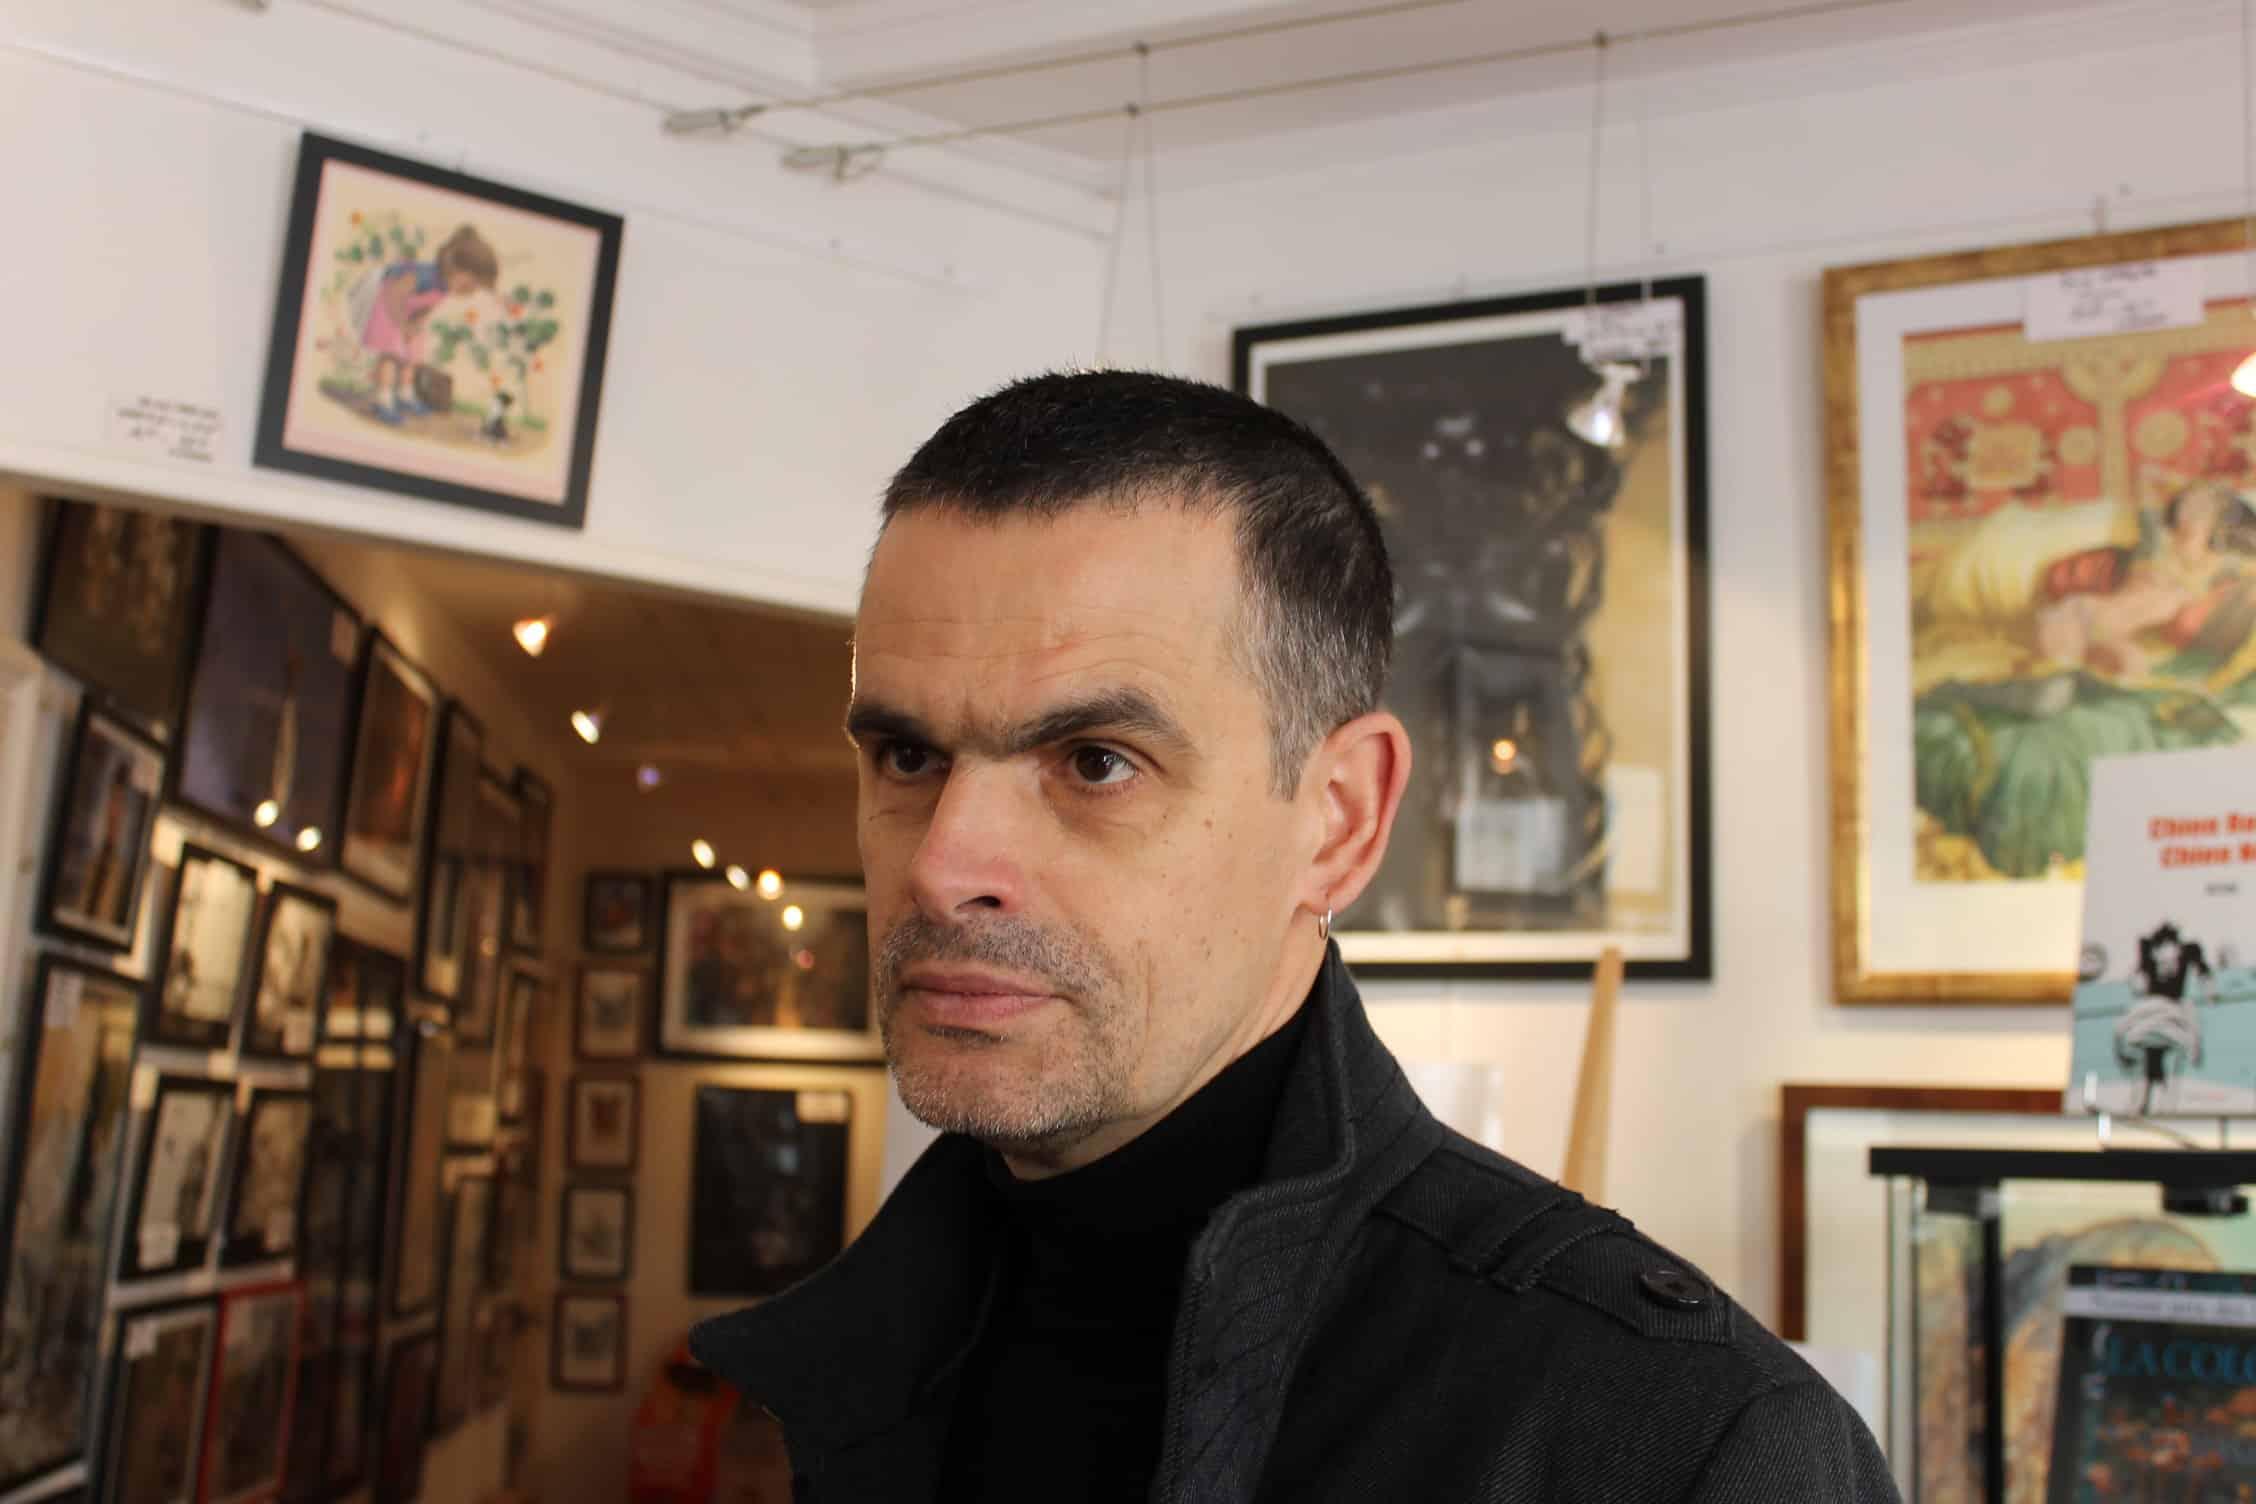 Bézian en dédicace chez Azimuts à Montpellier le 16 janvier pour Le Courant d'art